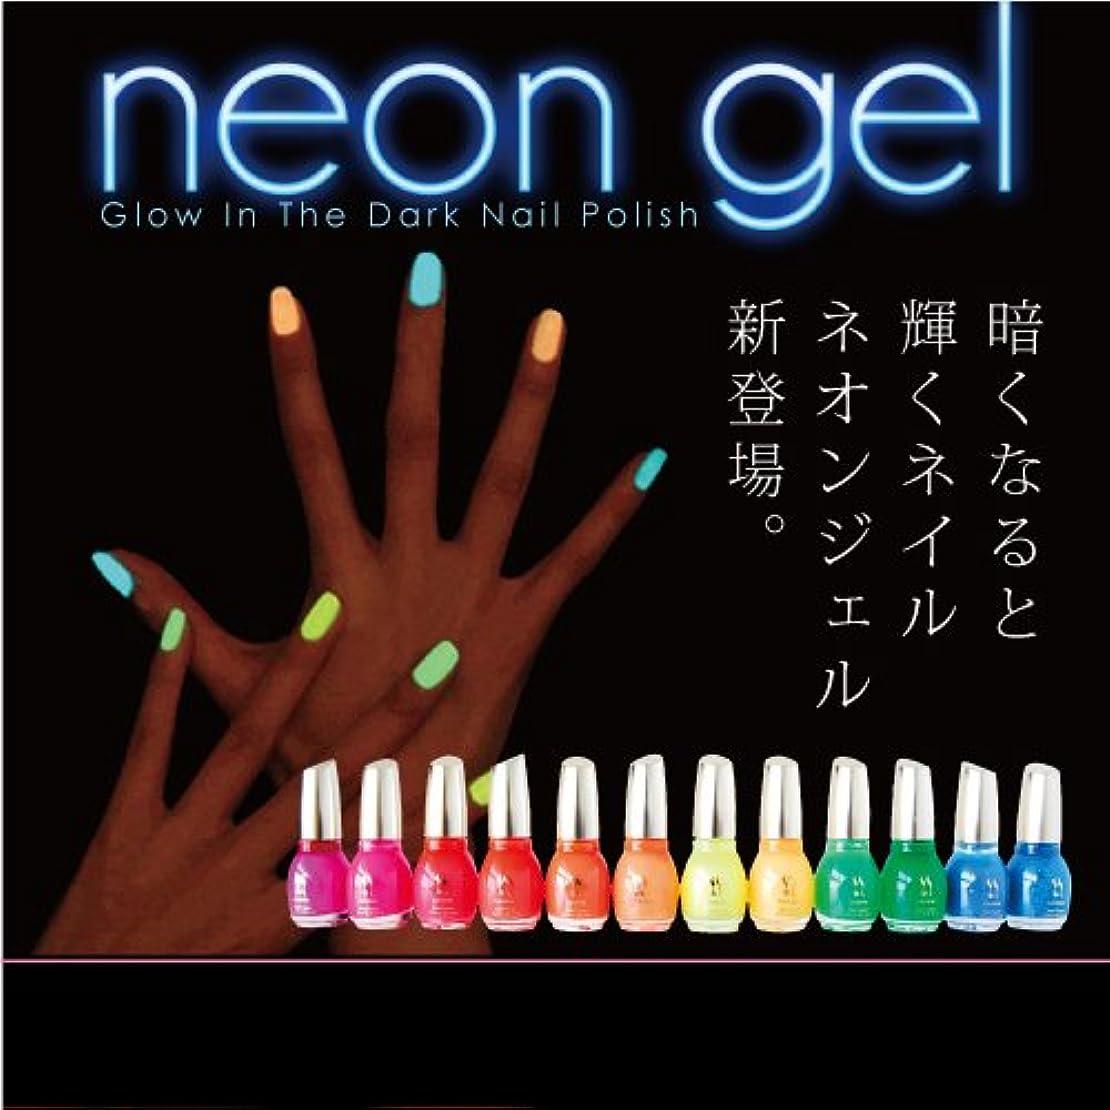 展示会住人おばあさんNeon Gel -Glow In The Dark- 蛍光ネイルポリッシュ 15ml カラー:08 ディープグリーン [マニキュア ネイルカラー ジェルネイルカラー ネイルポリッシュ SHANTI]